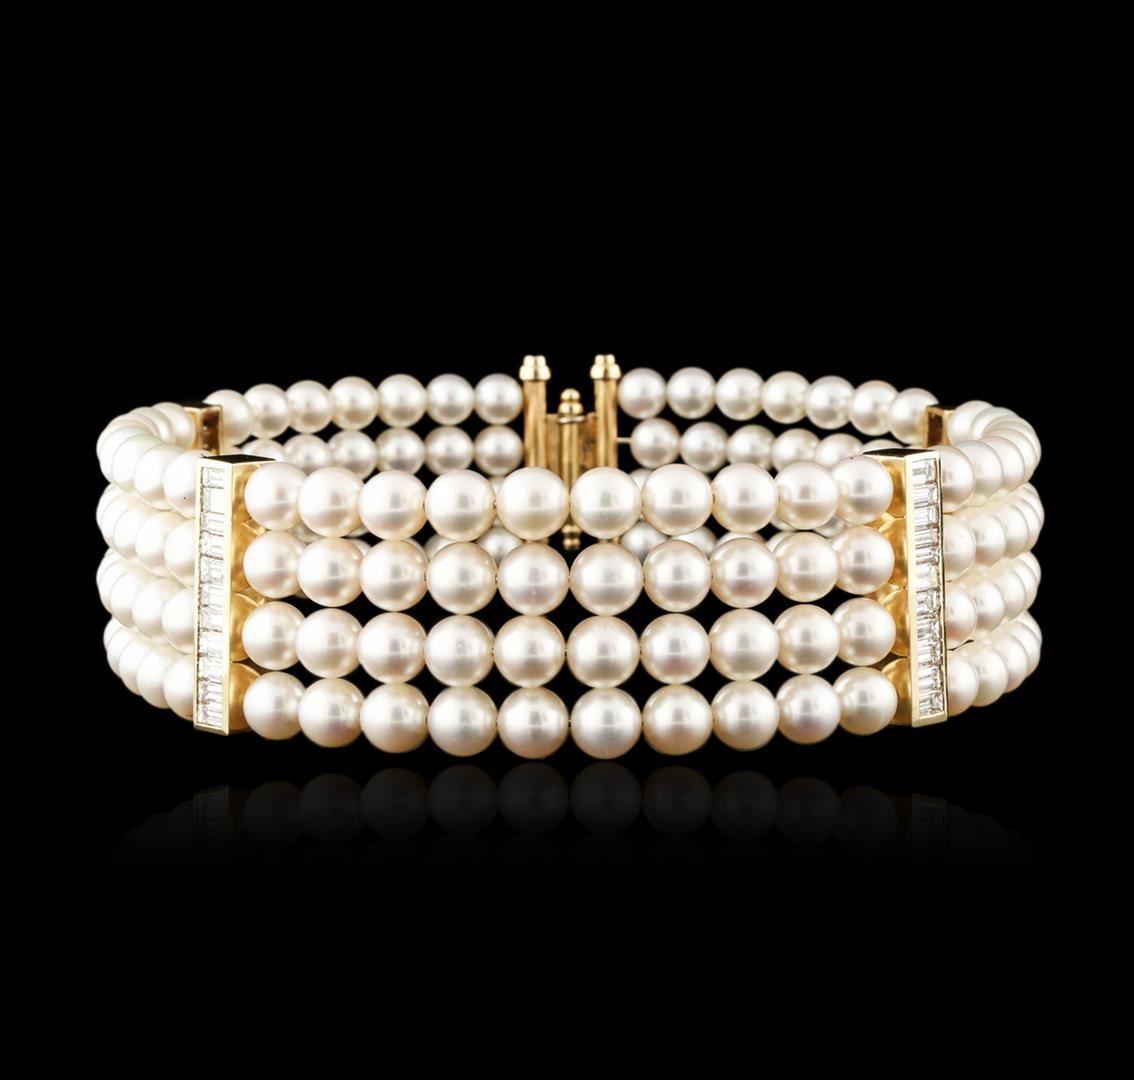 Halsband aus Gelbgold und Perlen